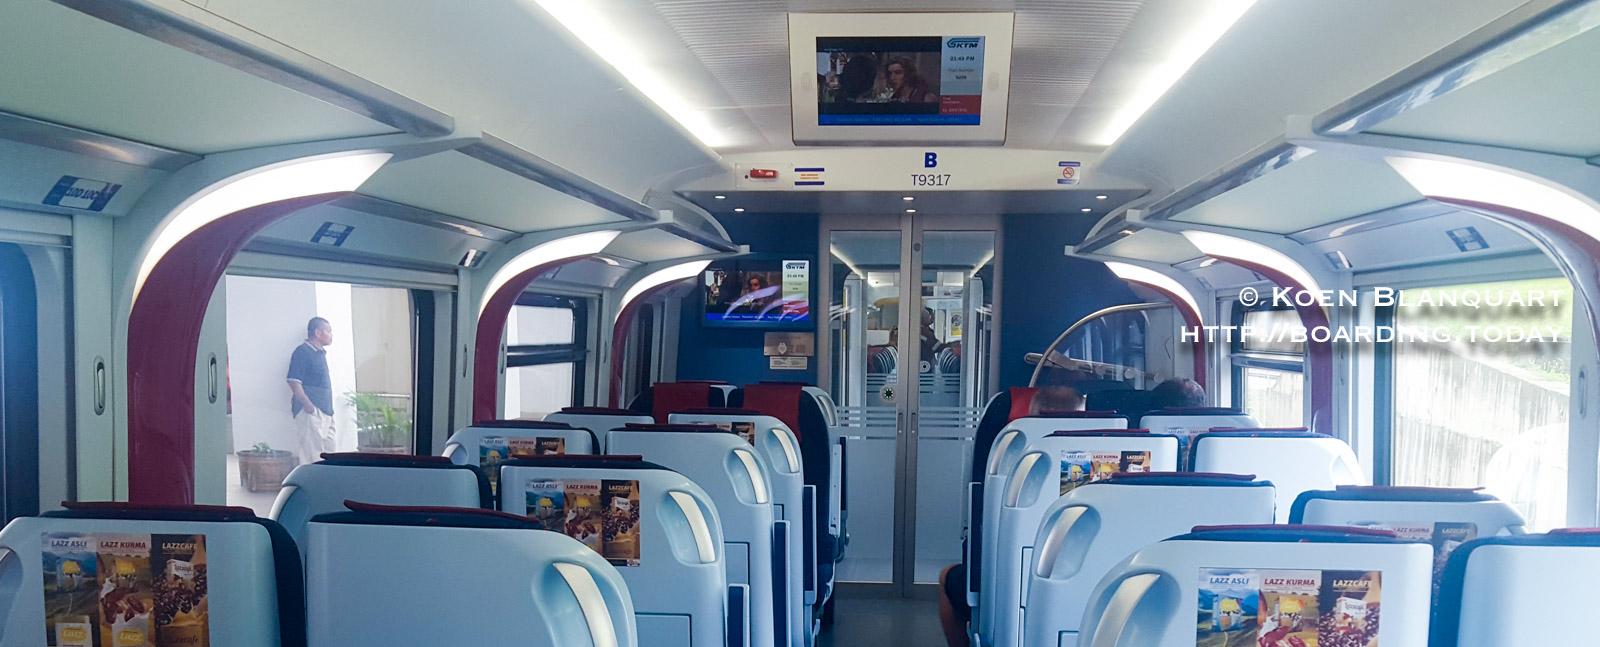 Kuala Lumpur to Singapore by train